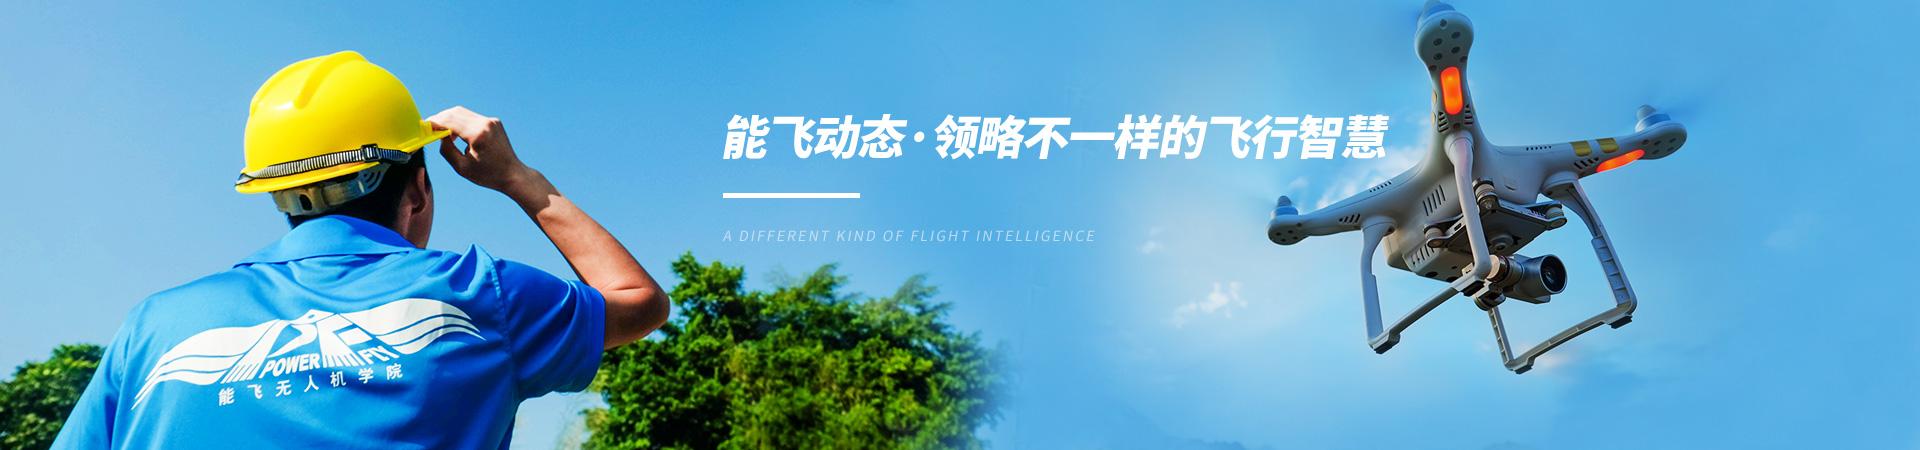 能飞航空-能飞动态·领略不样的飞行智慧